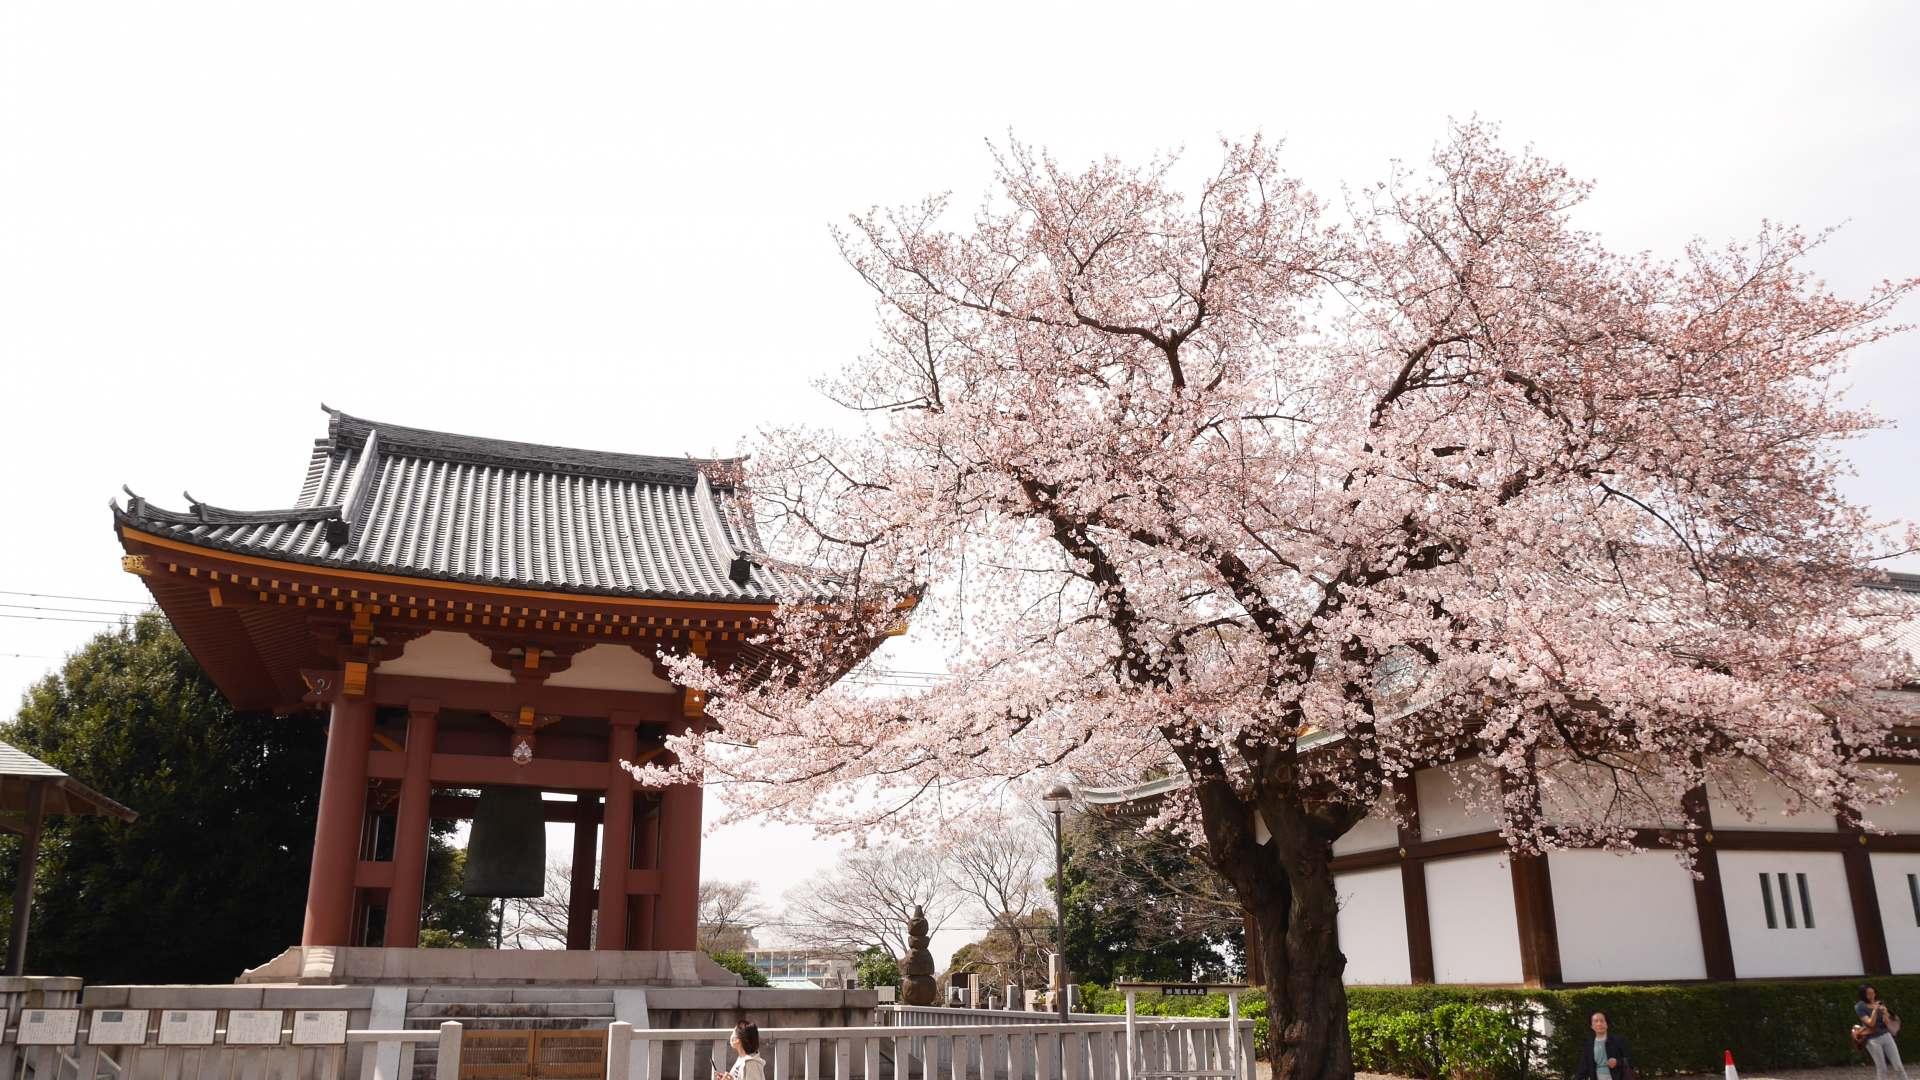 钟楼与樱花树